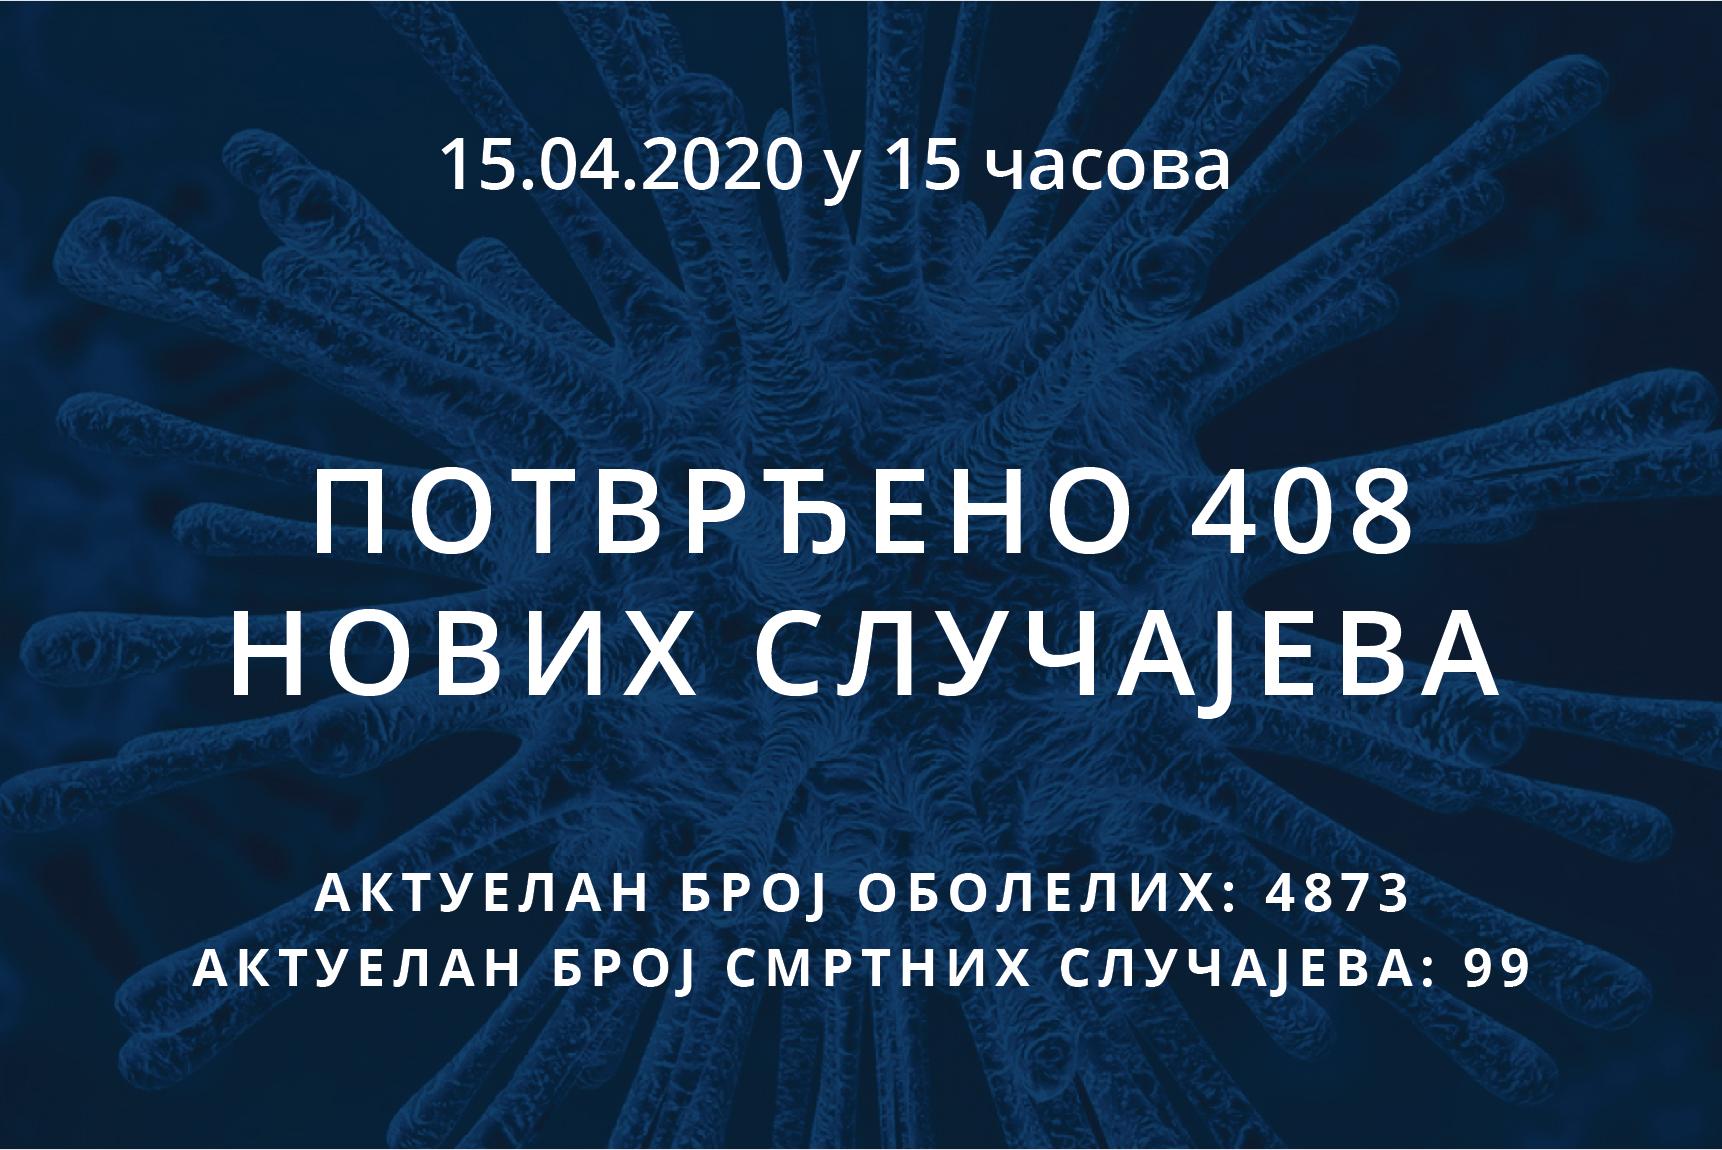 You are currently viewing Информације о корона вирусу COVID-19, 15.04.2020 у 15 часова